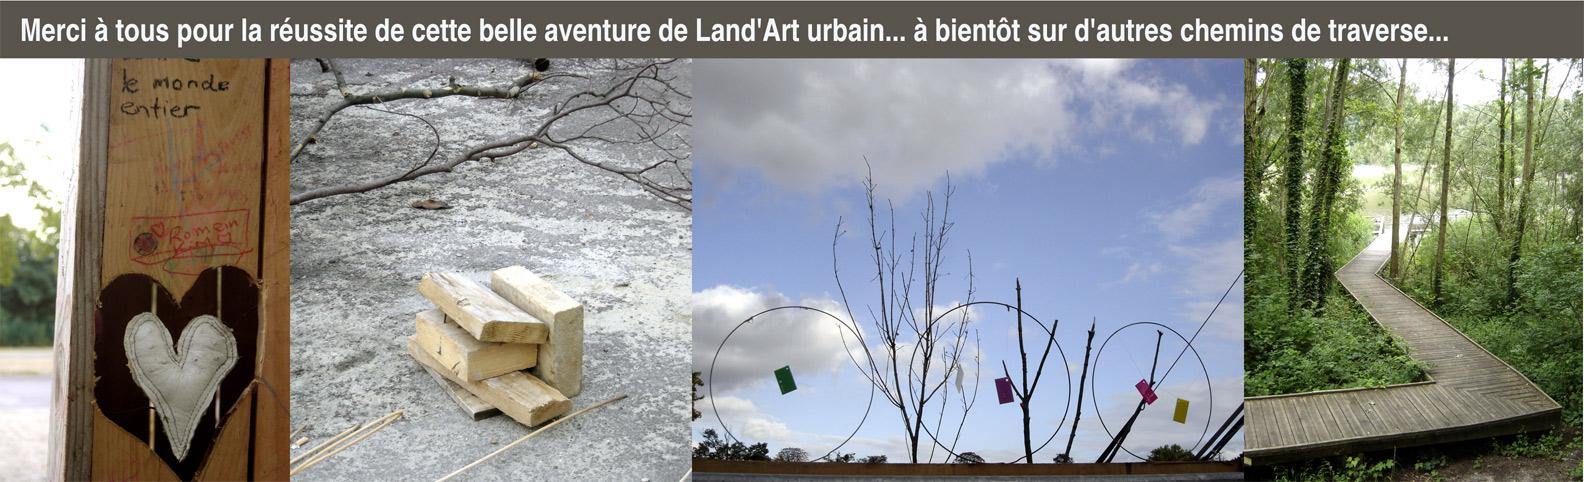 land art urbain à paris initié par Paris Label, paule kingleur, coop 2r2c et artistes associés